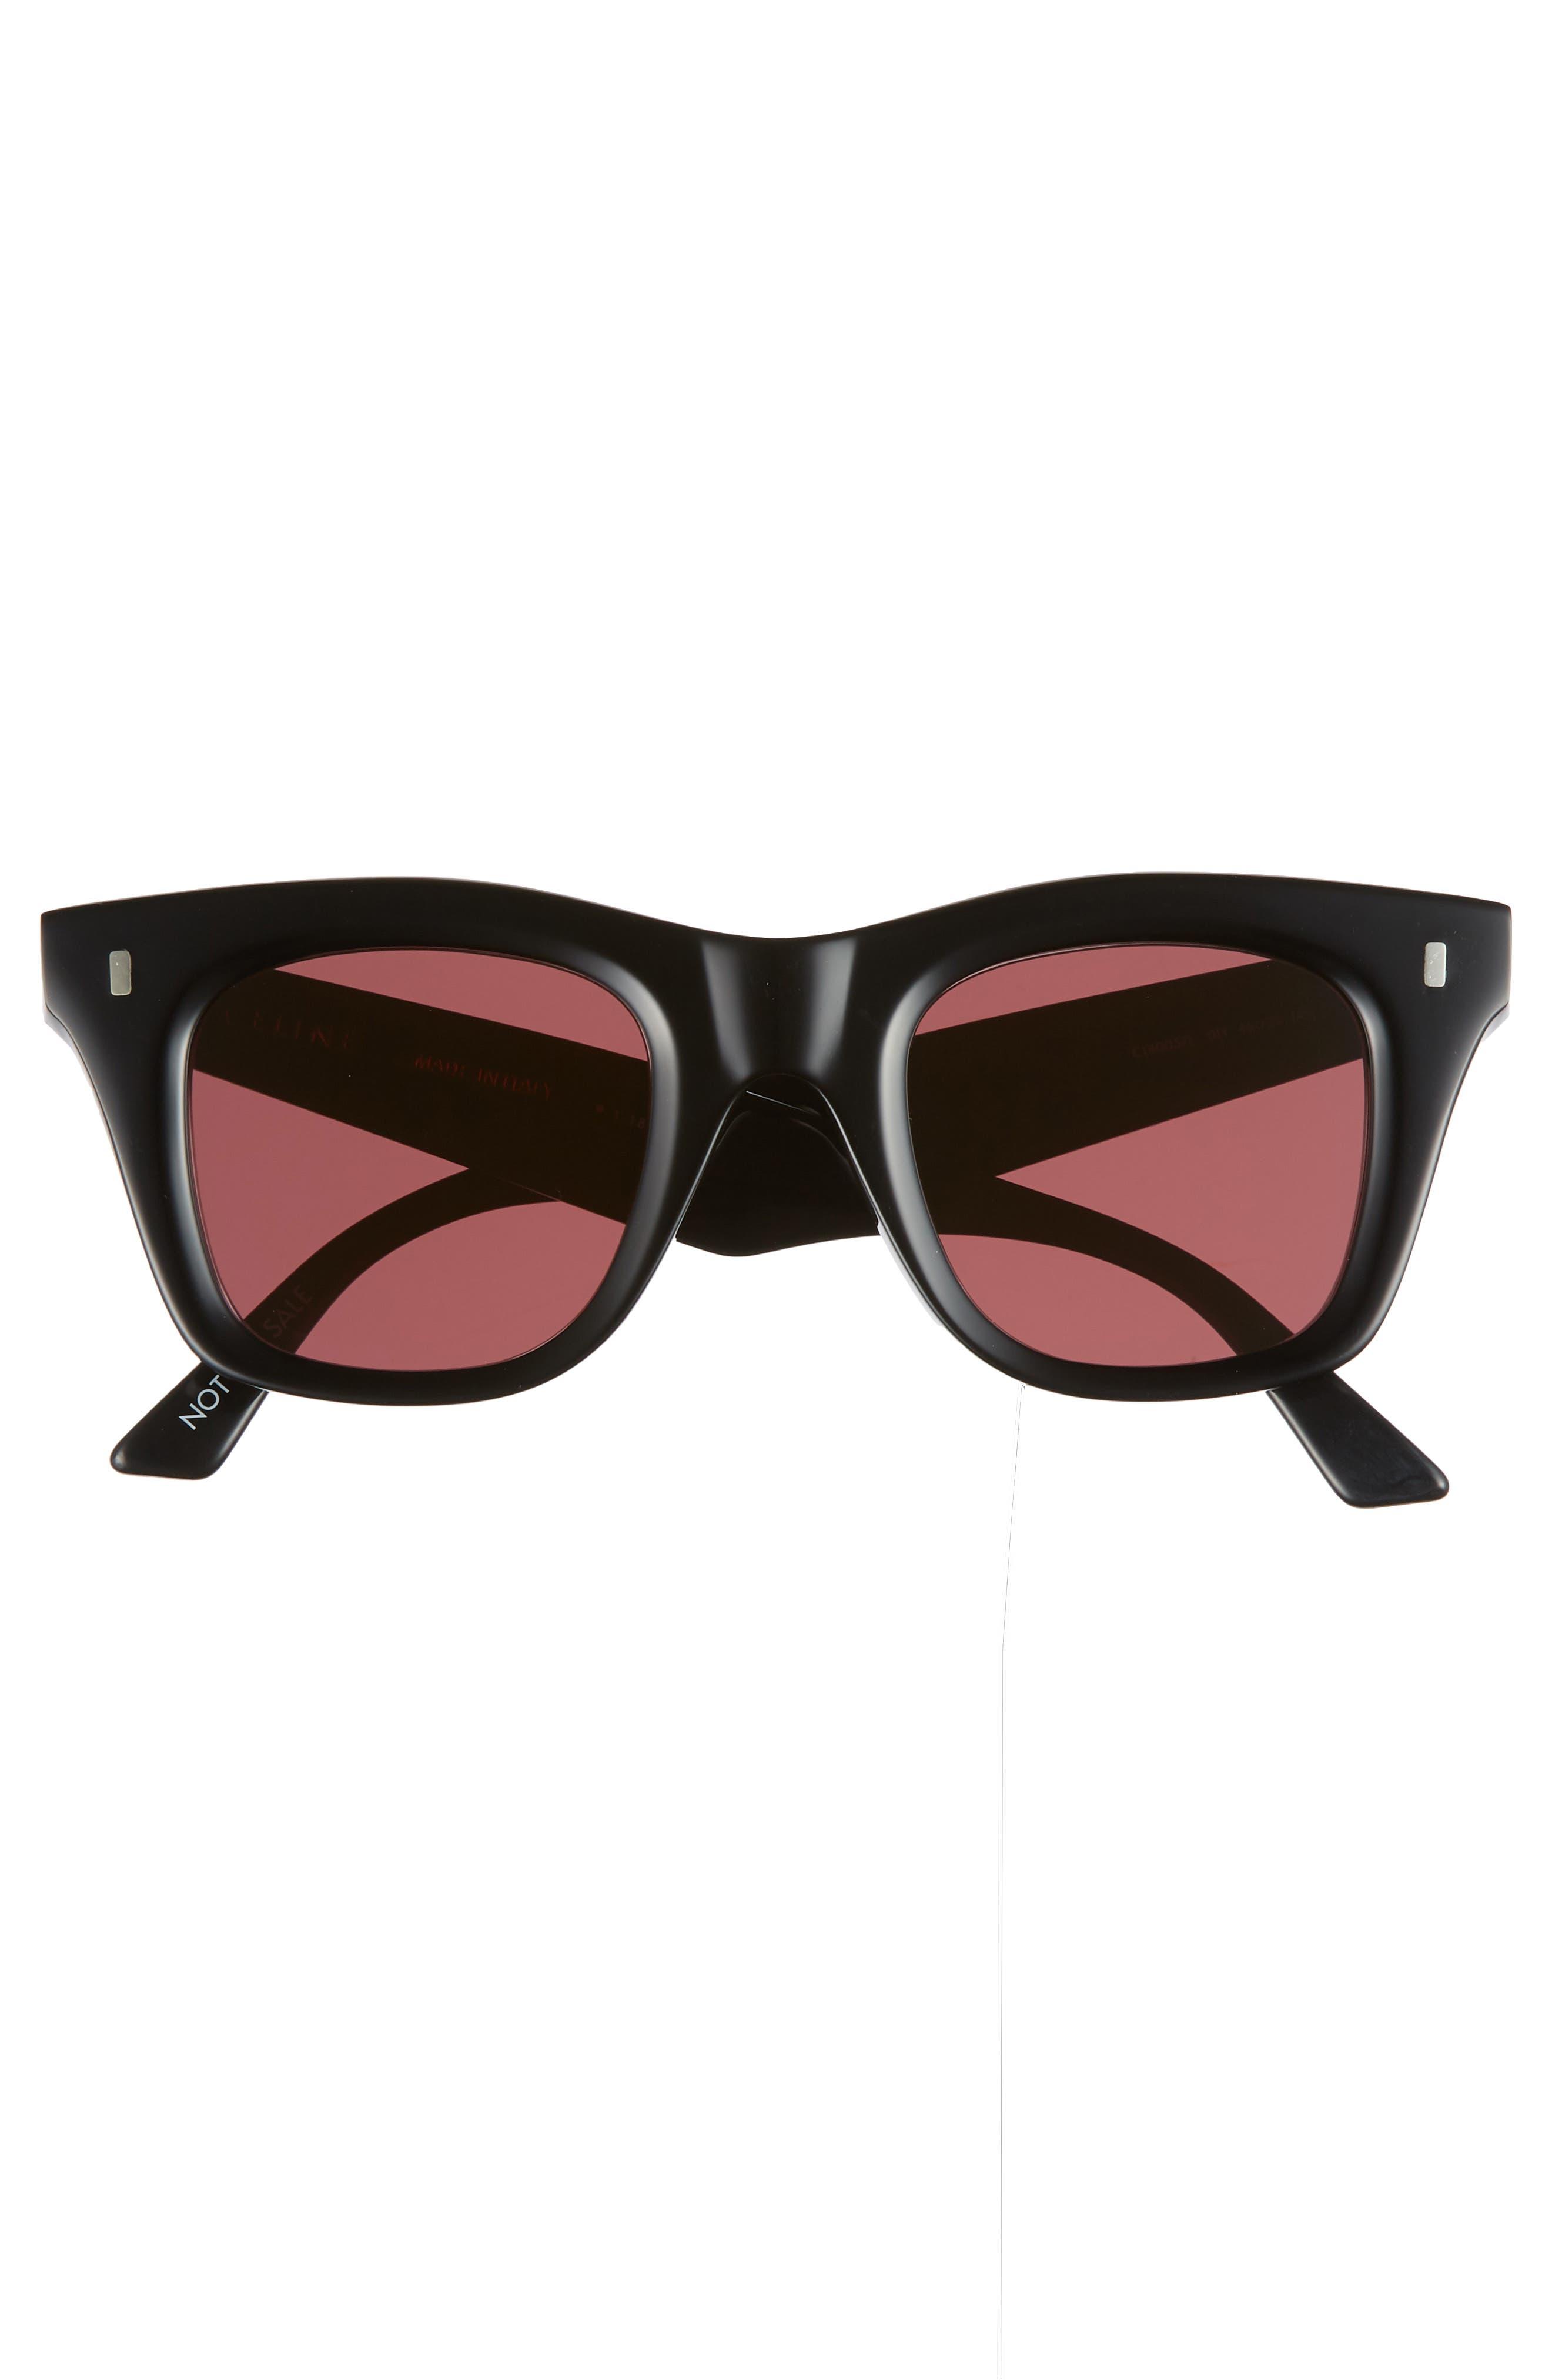 46mm Square Sunglasses,                             Alternate thumbnail 3, color,                             BLACK